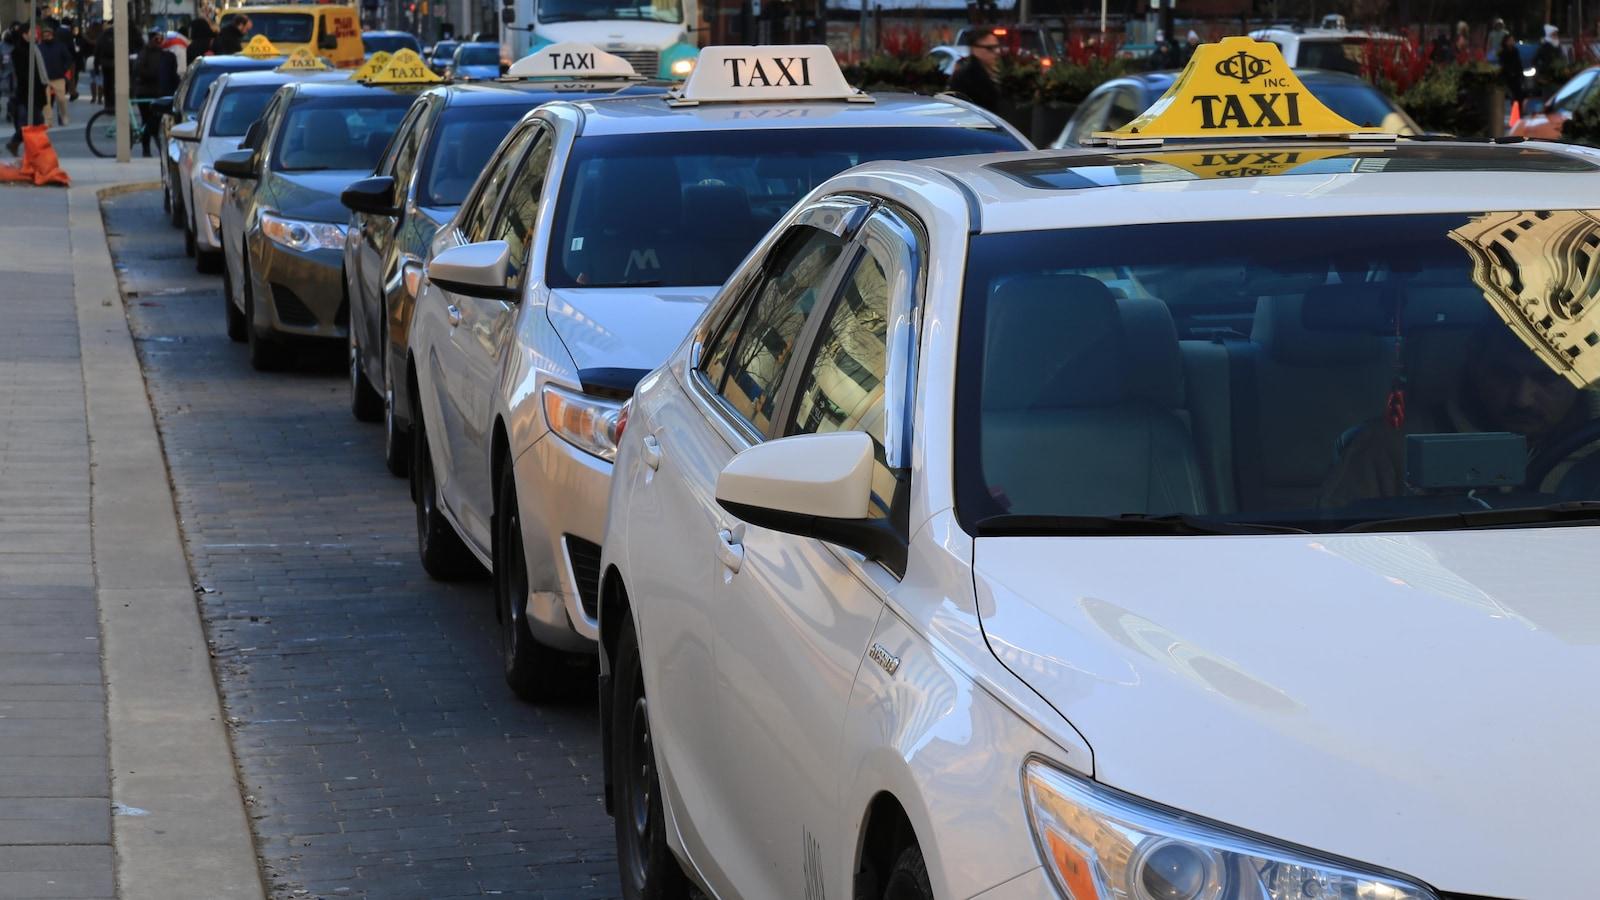 Des taxis arrêtés en file dans une rue de Toronto